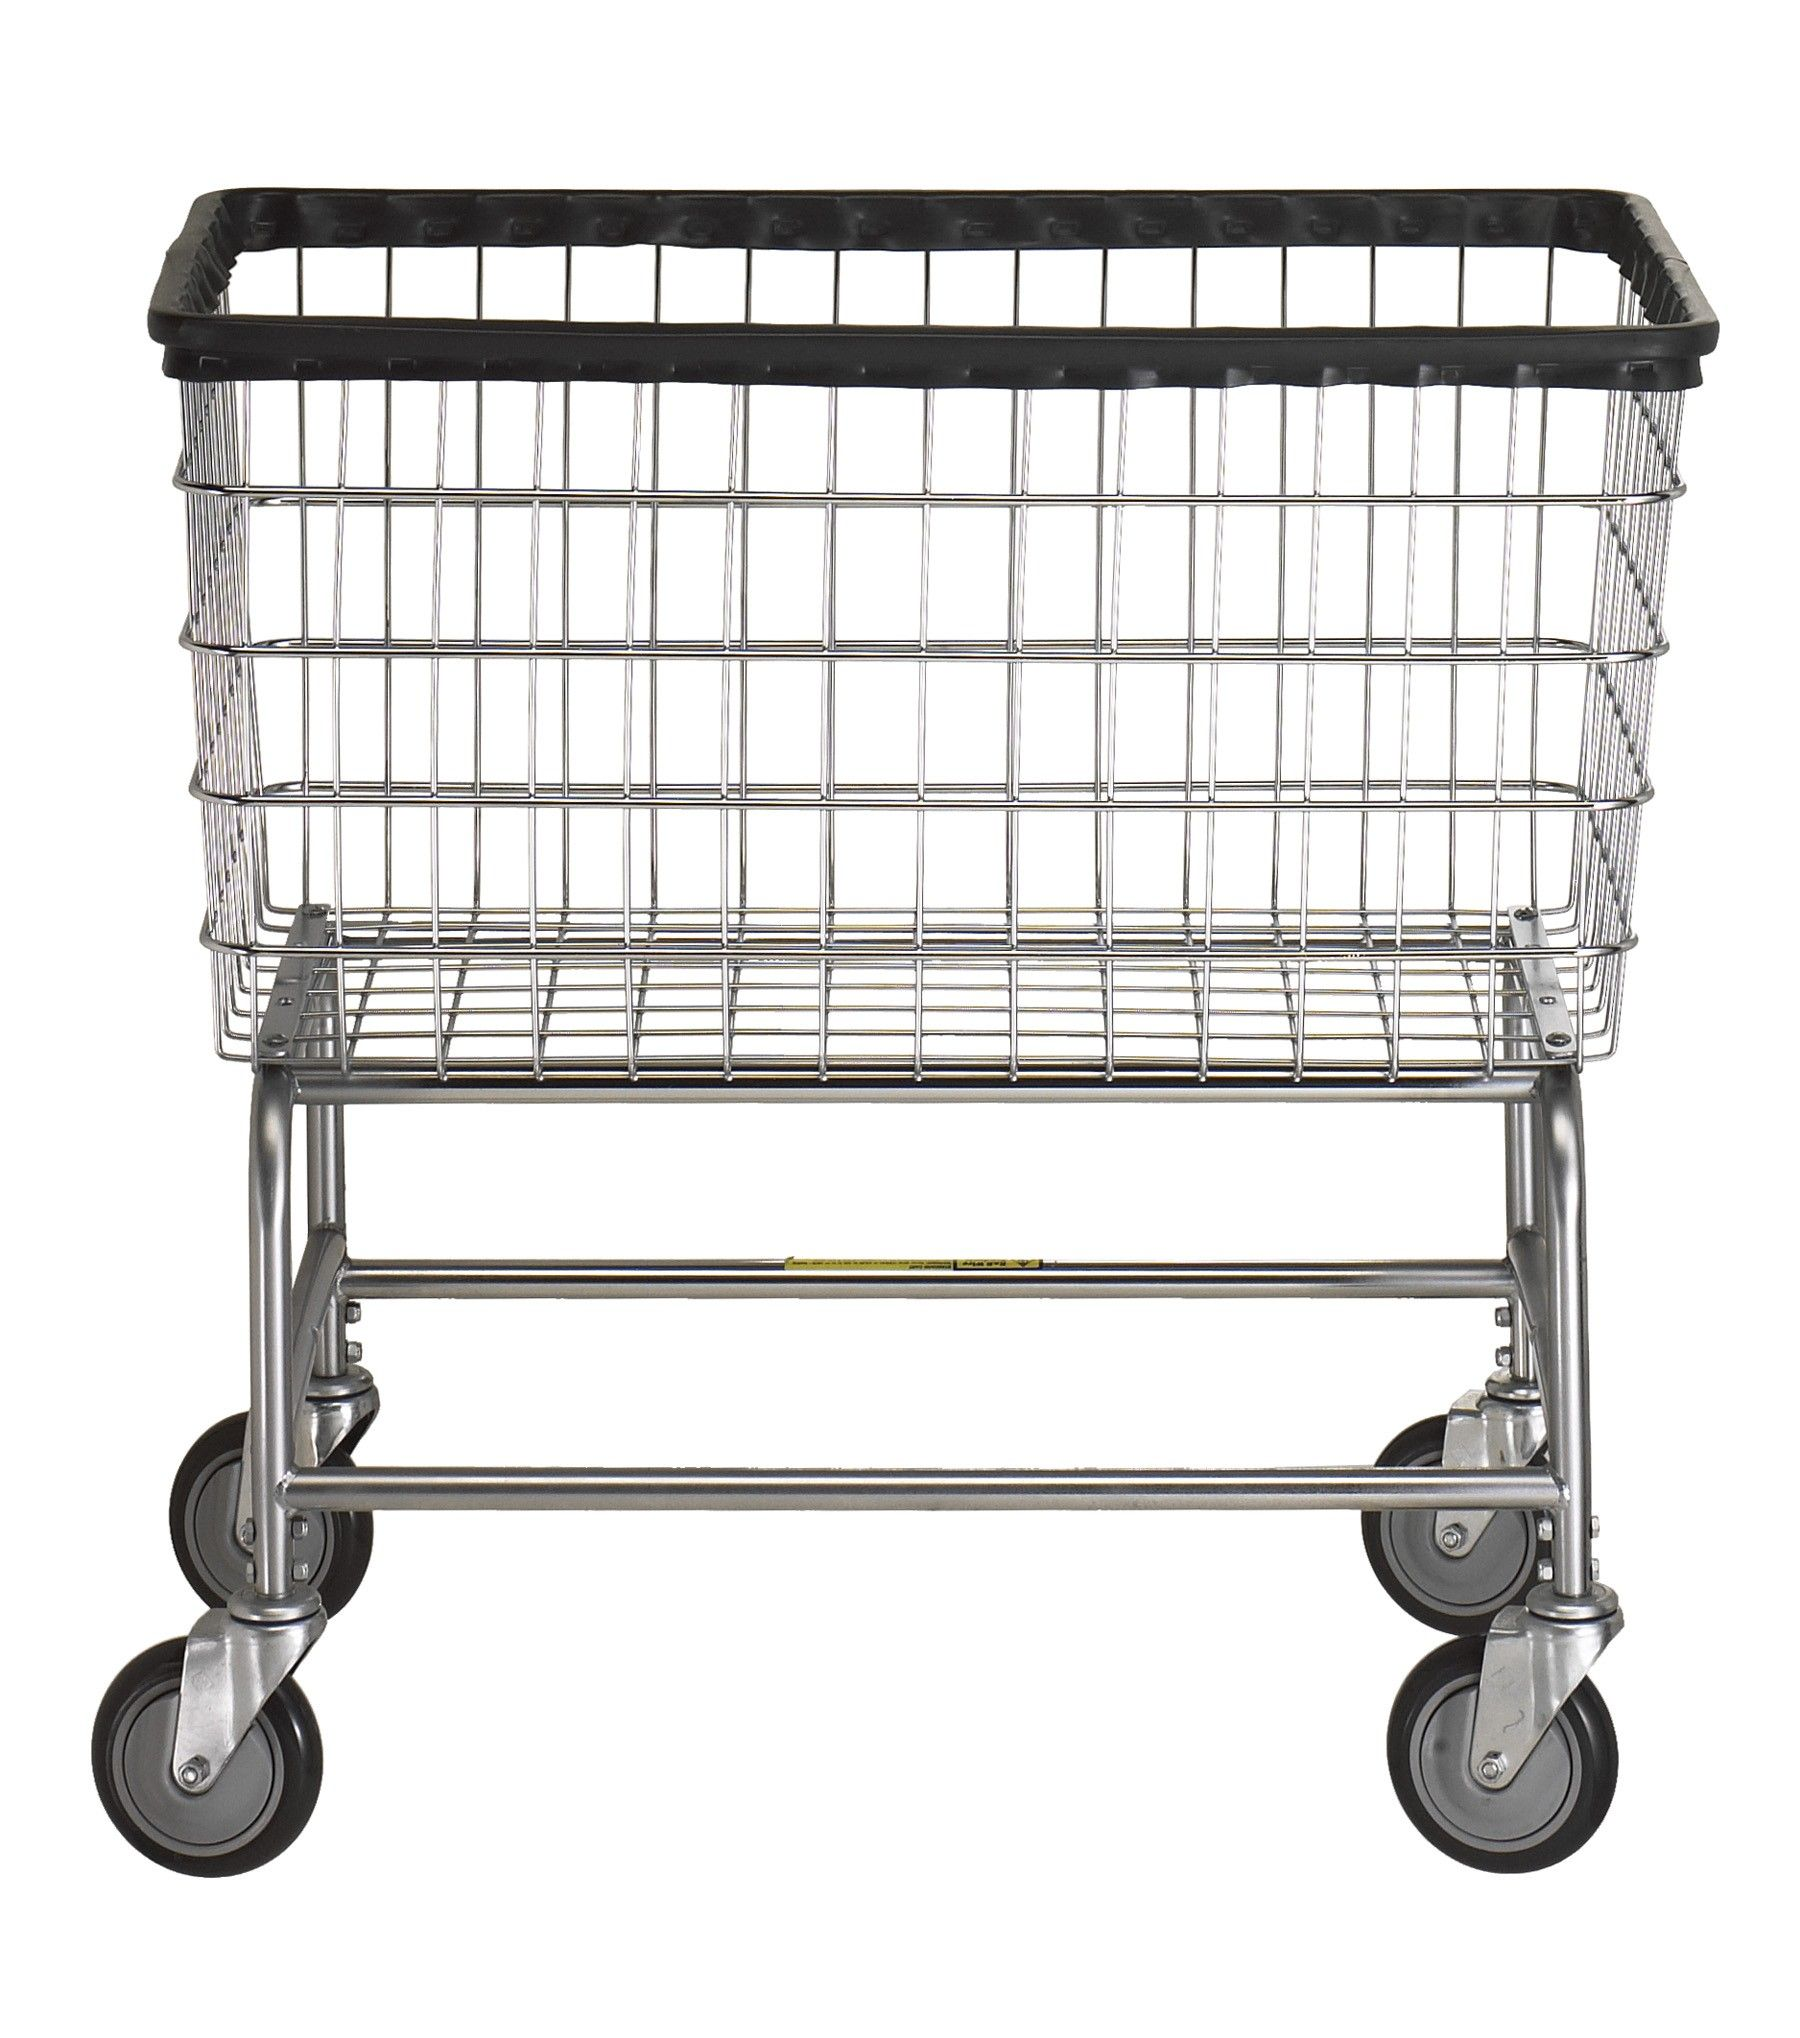 Large Capacity Laundry Cart Laundry Basket On Wheels Metal